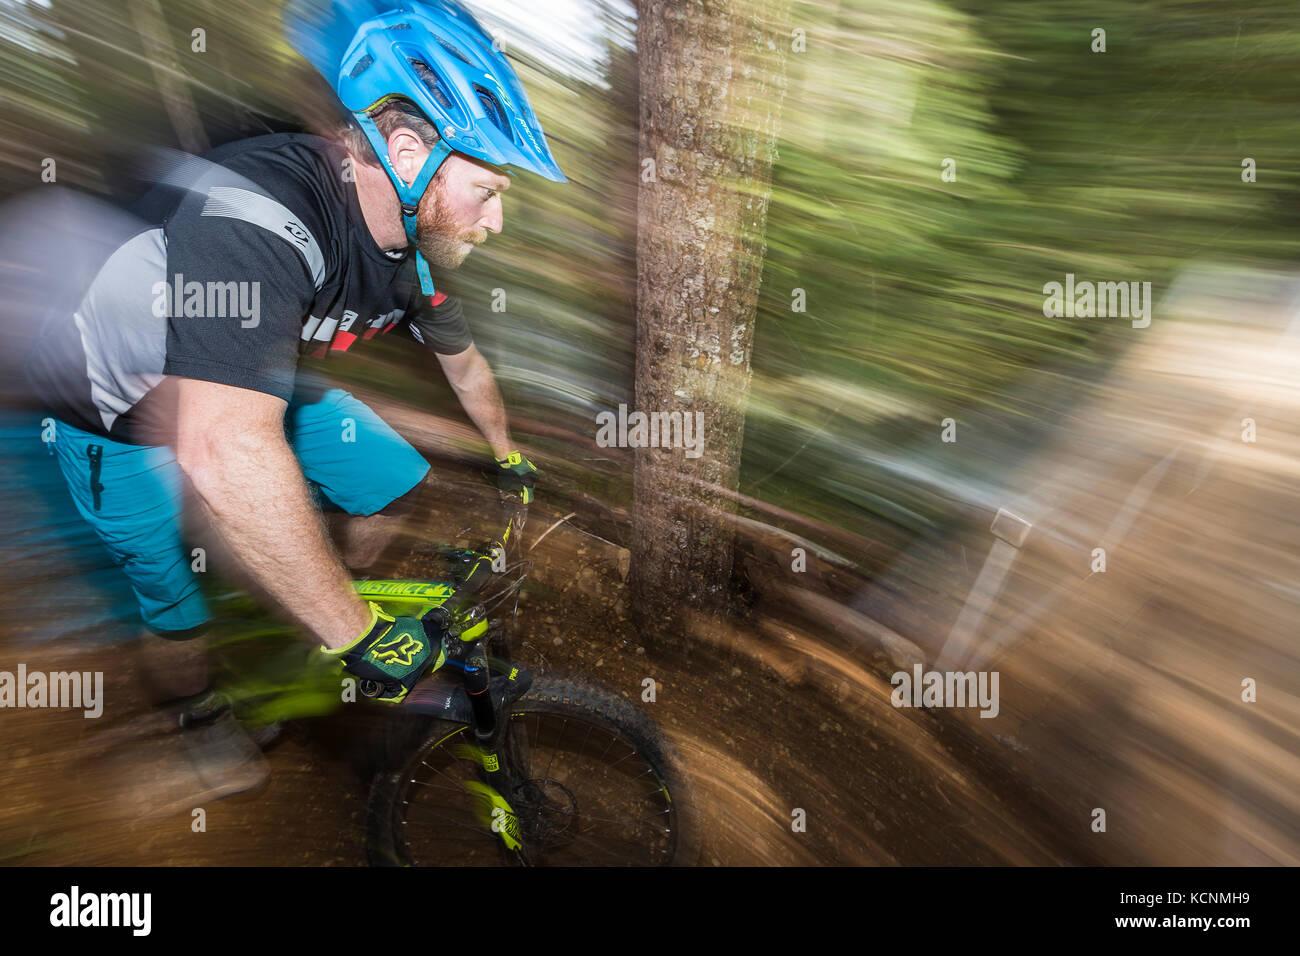 Un movimiento orientado ciclista de montaña se prepara para cruzar el puente recién construido sykes mientras Imagen De Stock